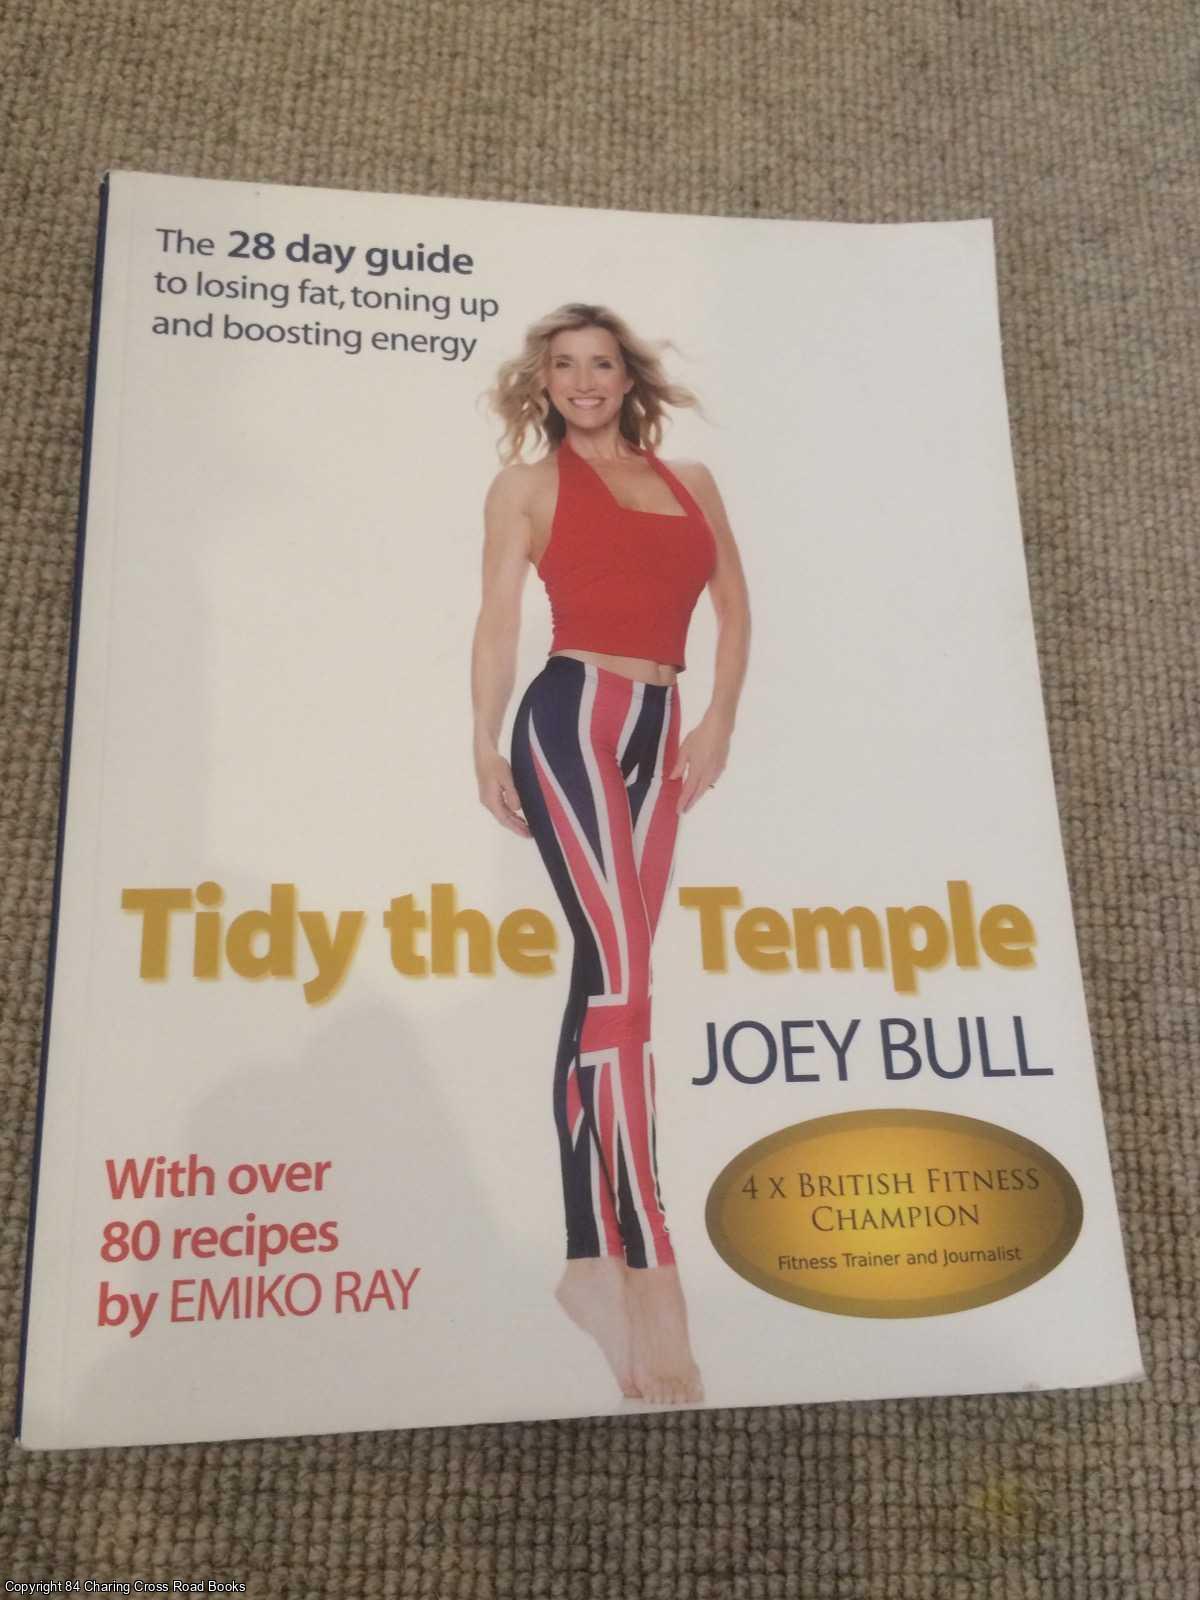 EMIKO, RAY, BULL, JOEY - Tidy the Temple